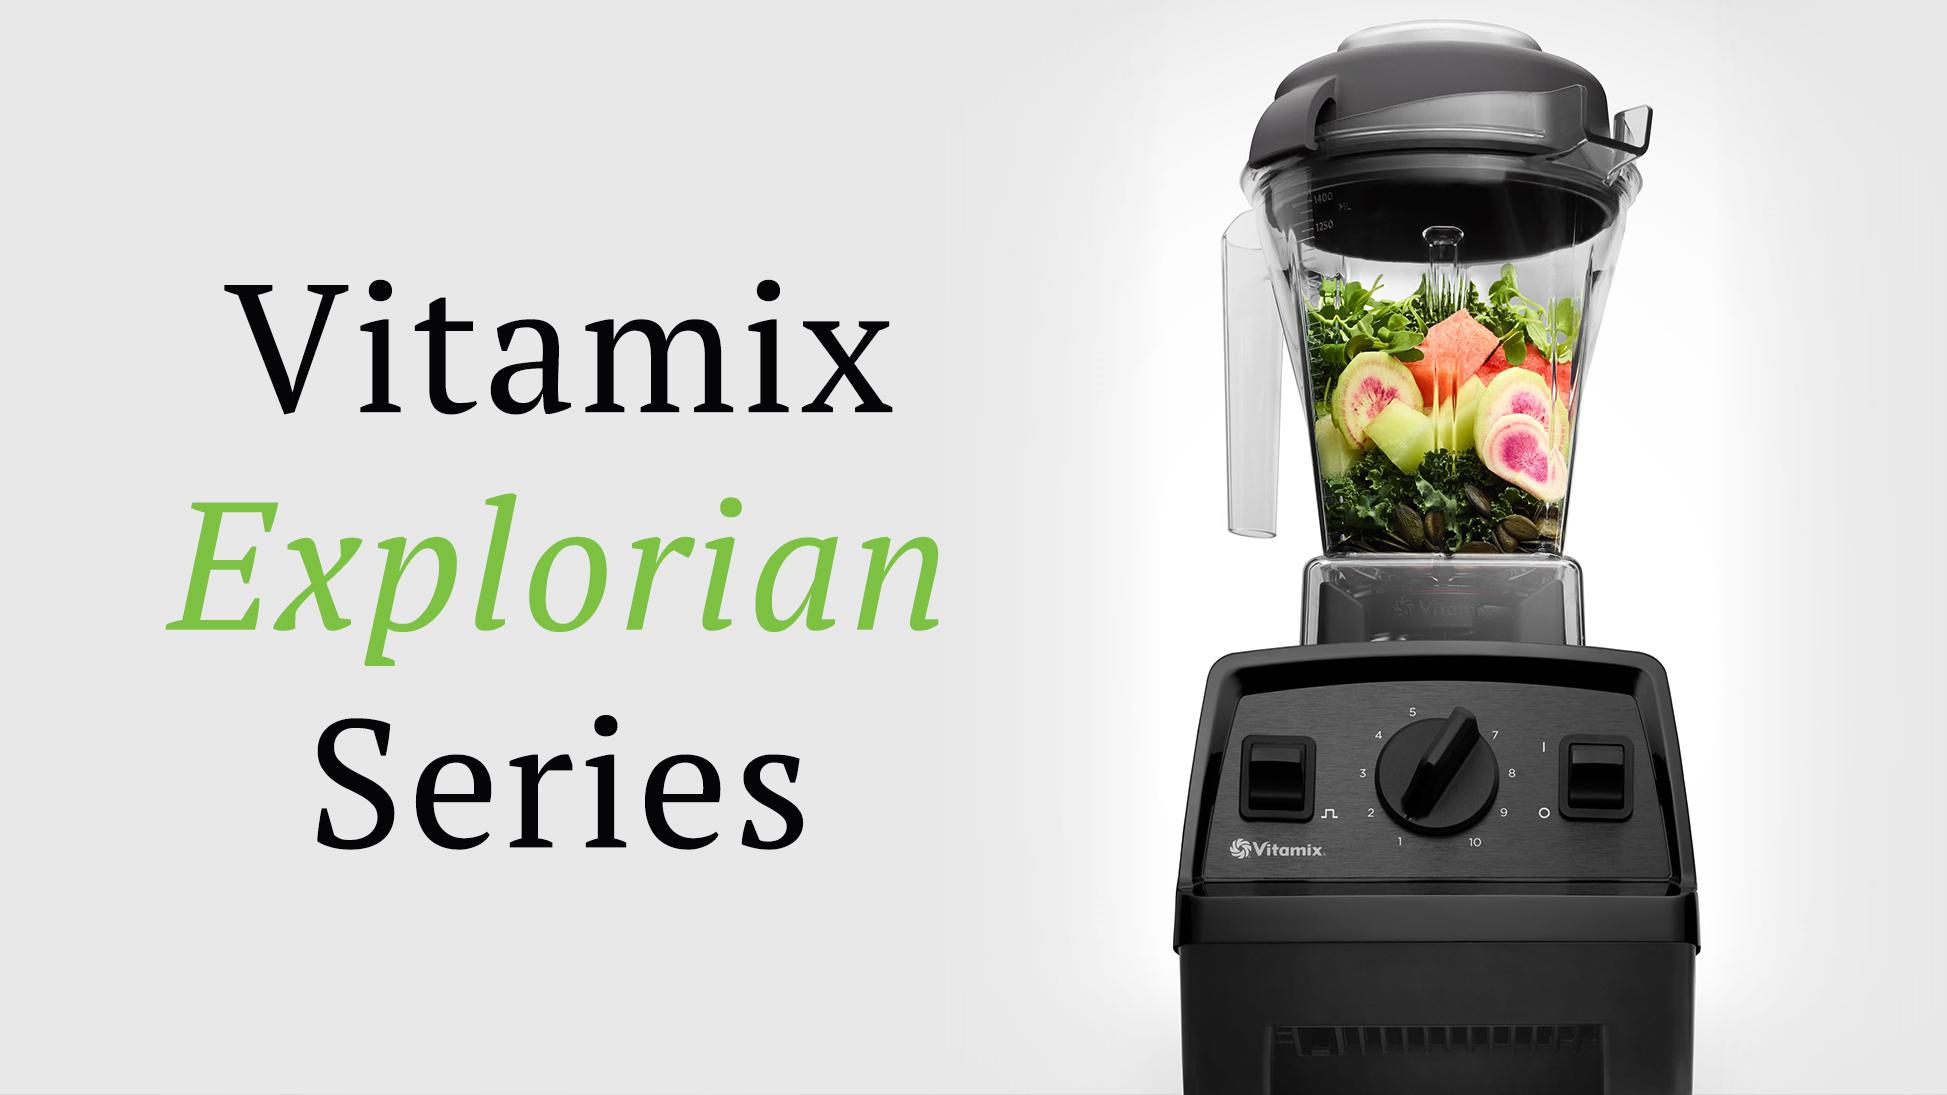 Vitamix explorian series deals